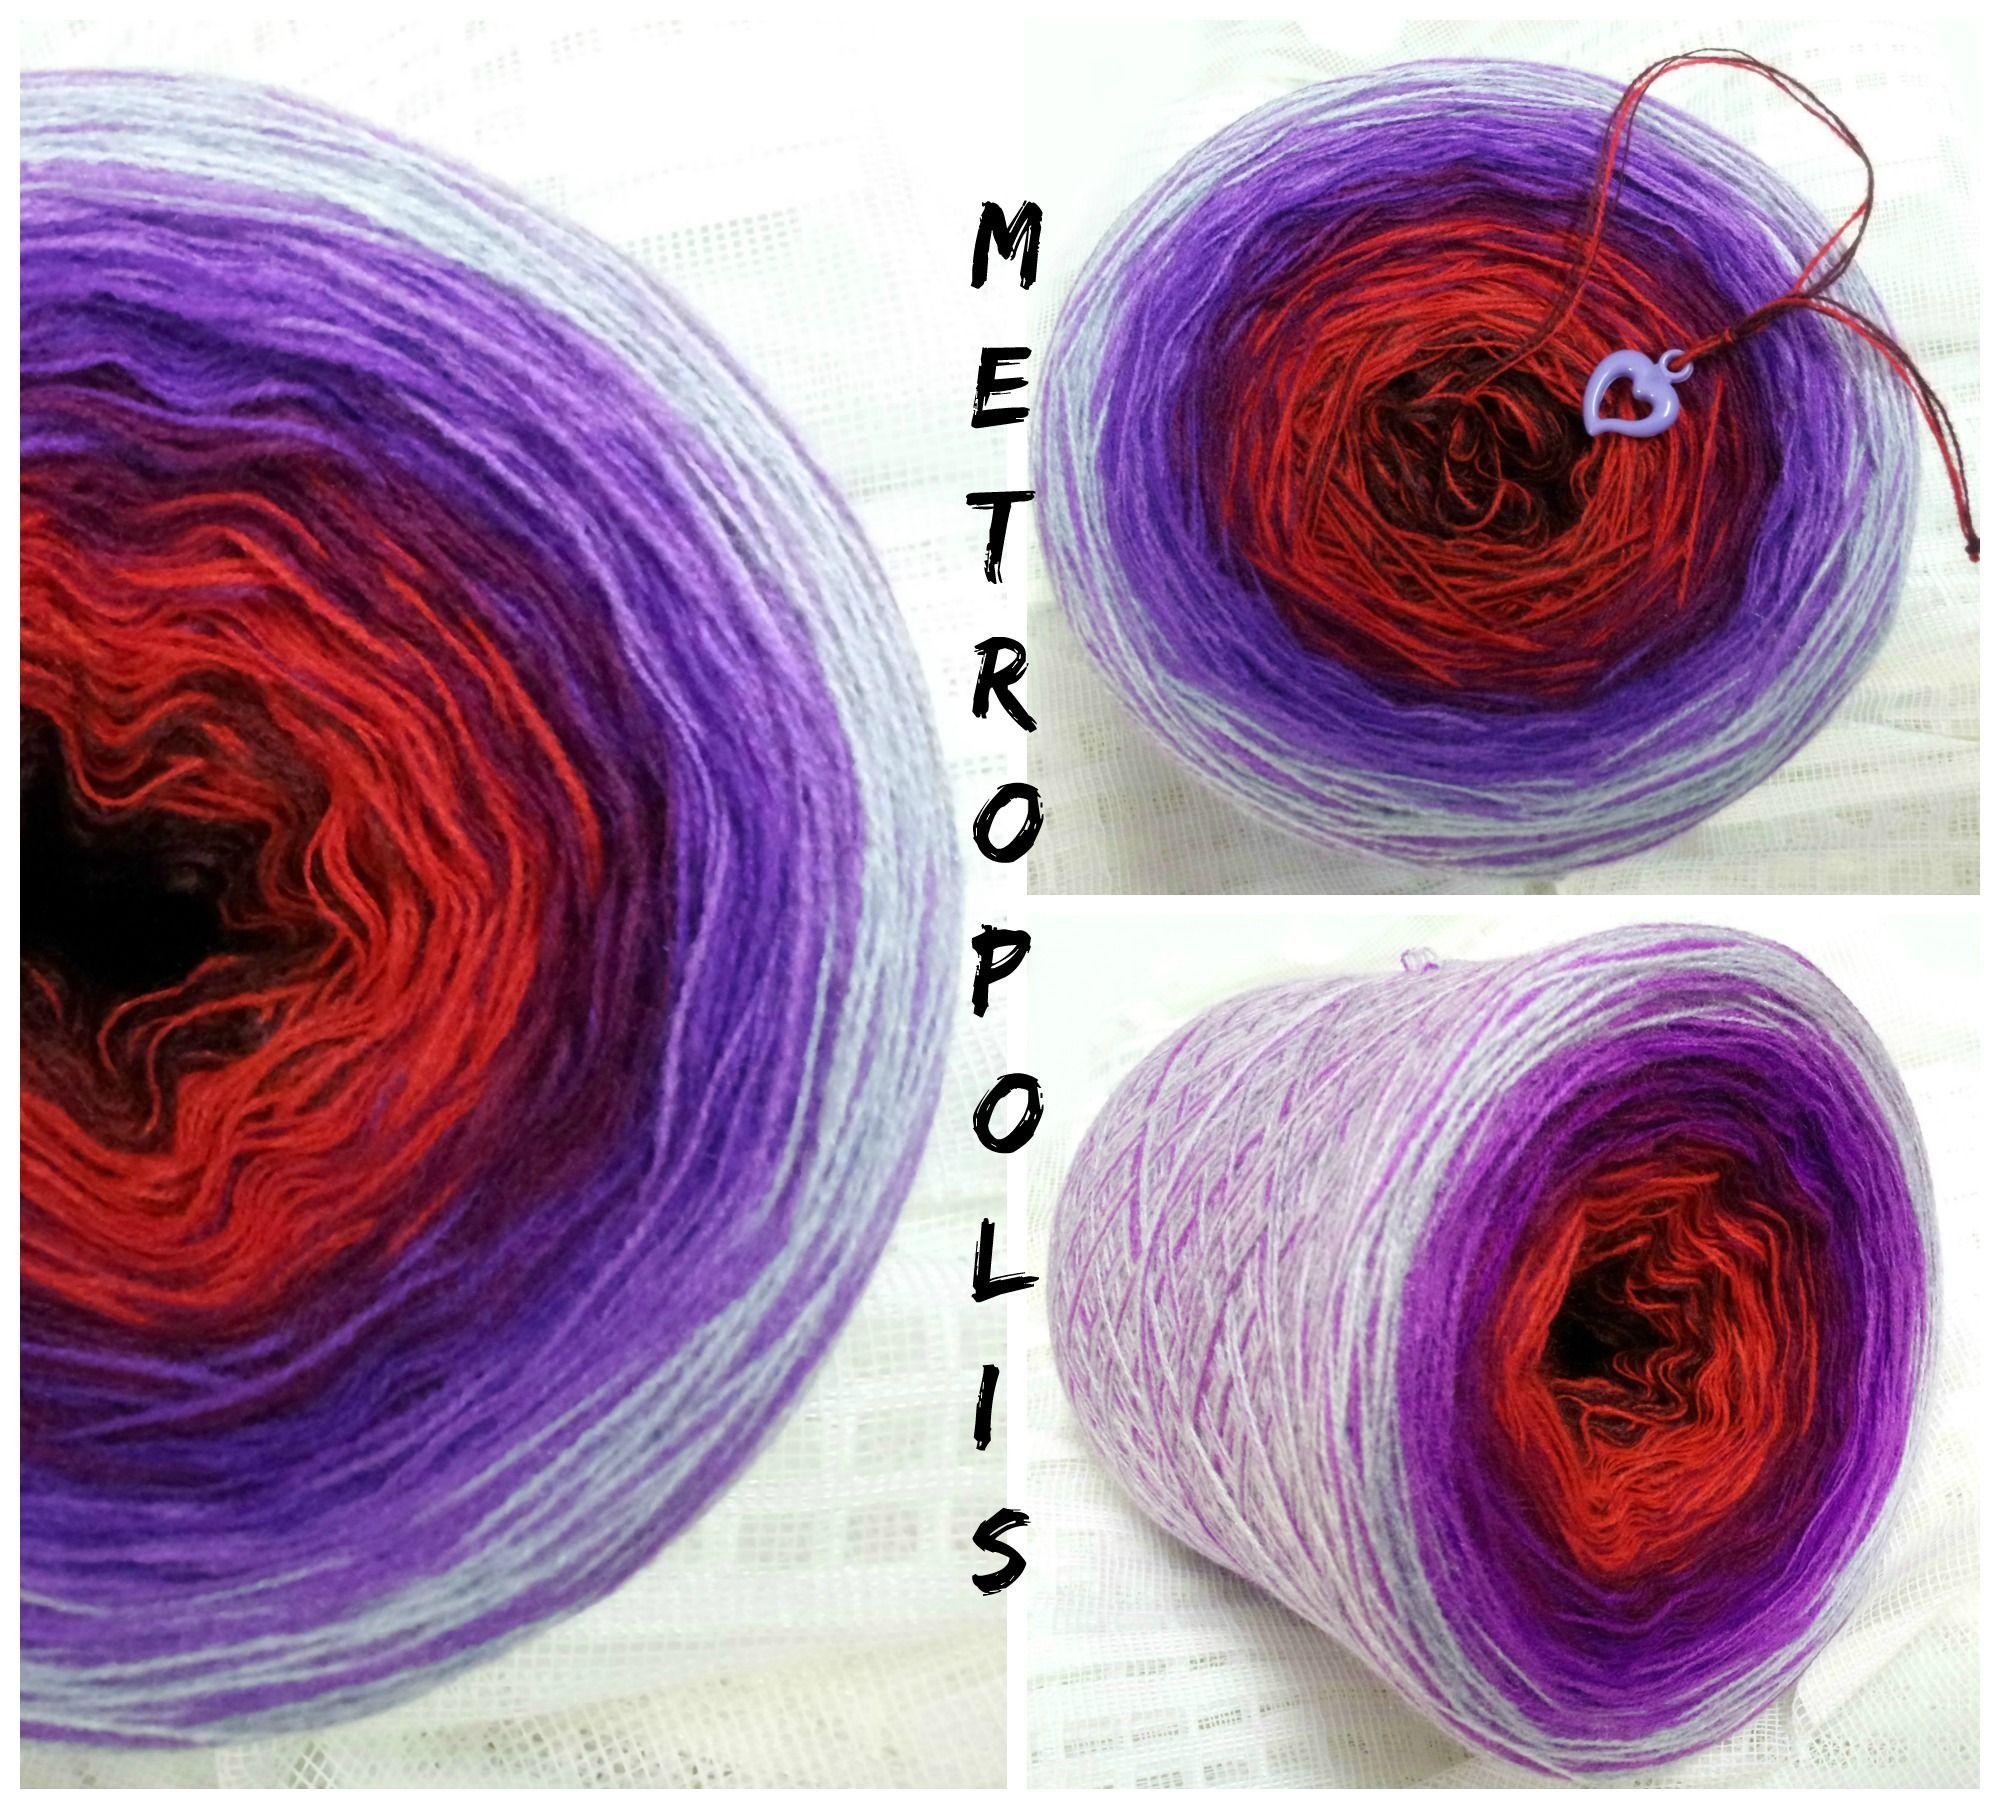 Beeindruckend Farbe Beere Galerie Von Metropolis: Hb-acryl 3 Fädig 6 Farben Marone